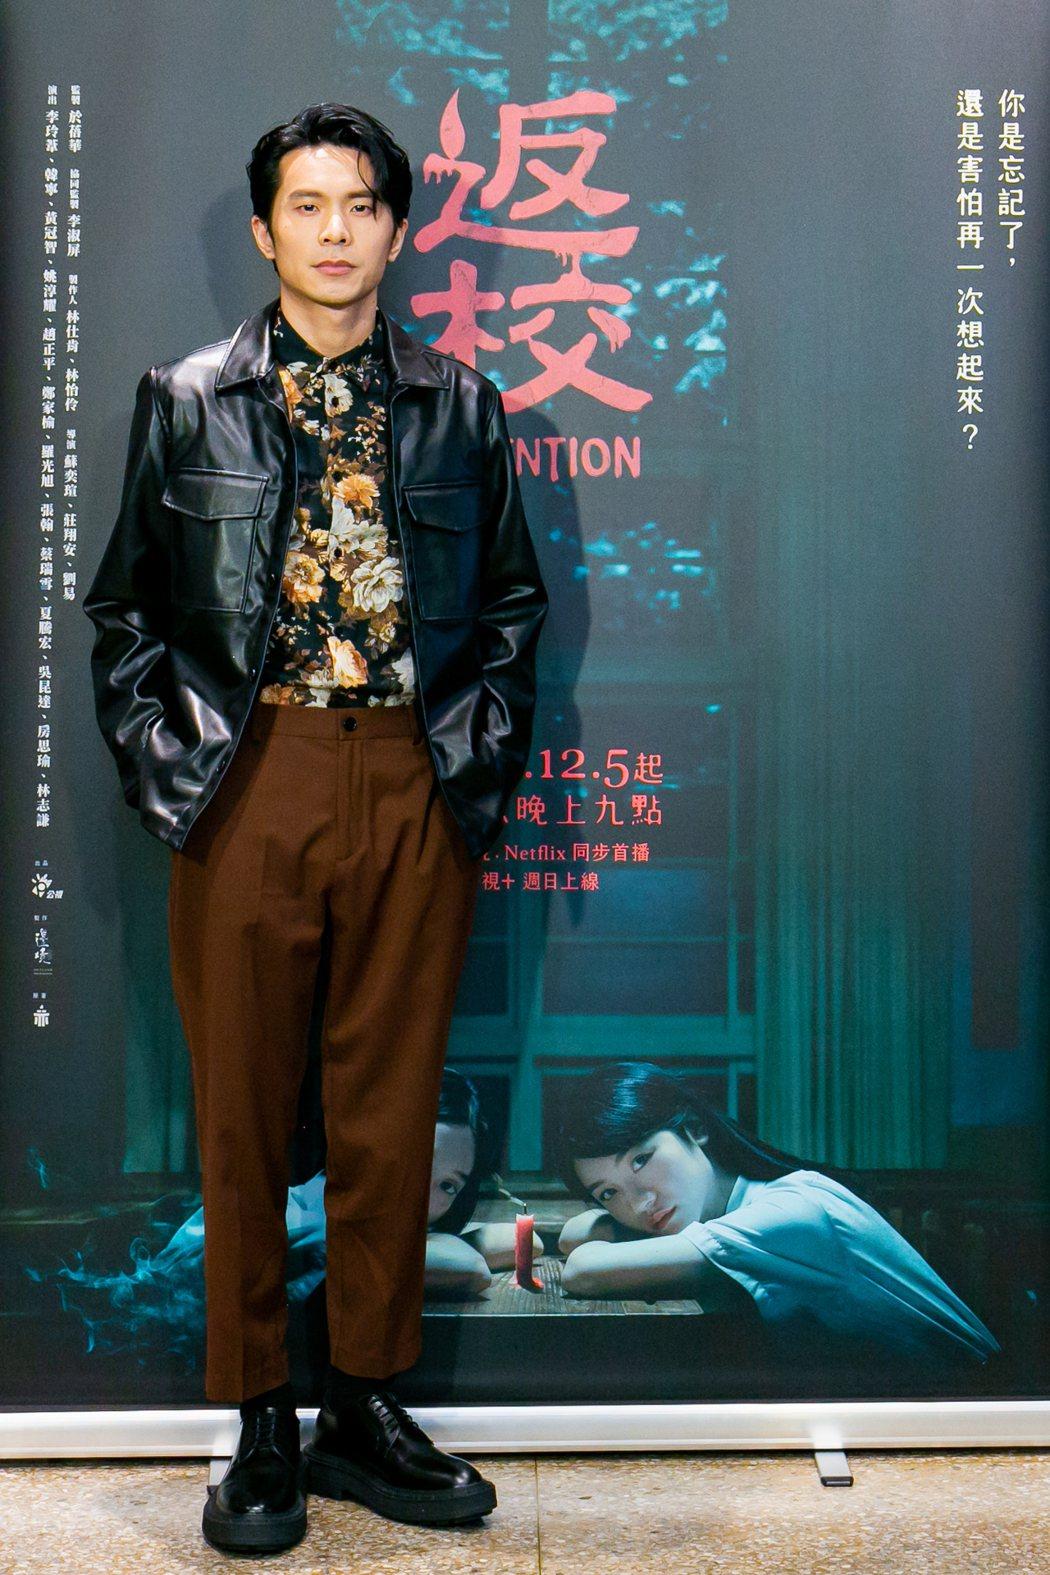 姚淳耀演出「返校」影集爆瘦8公斤。圖/公視提供